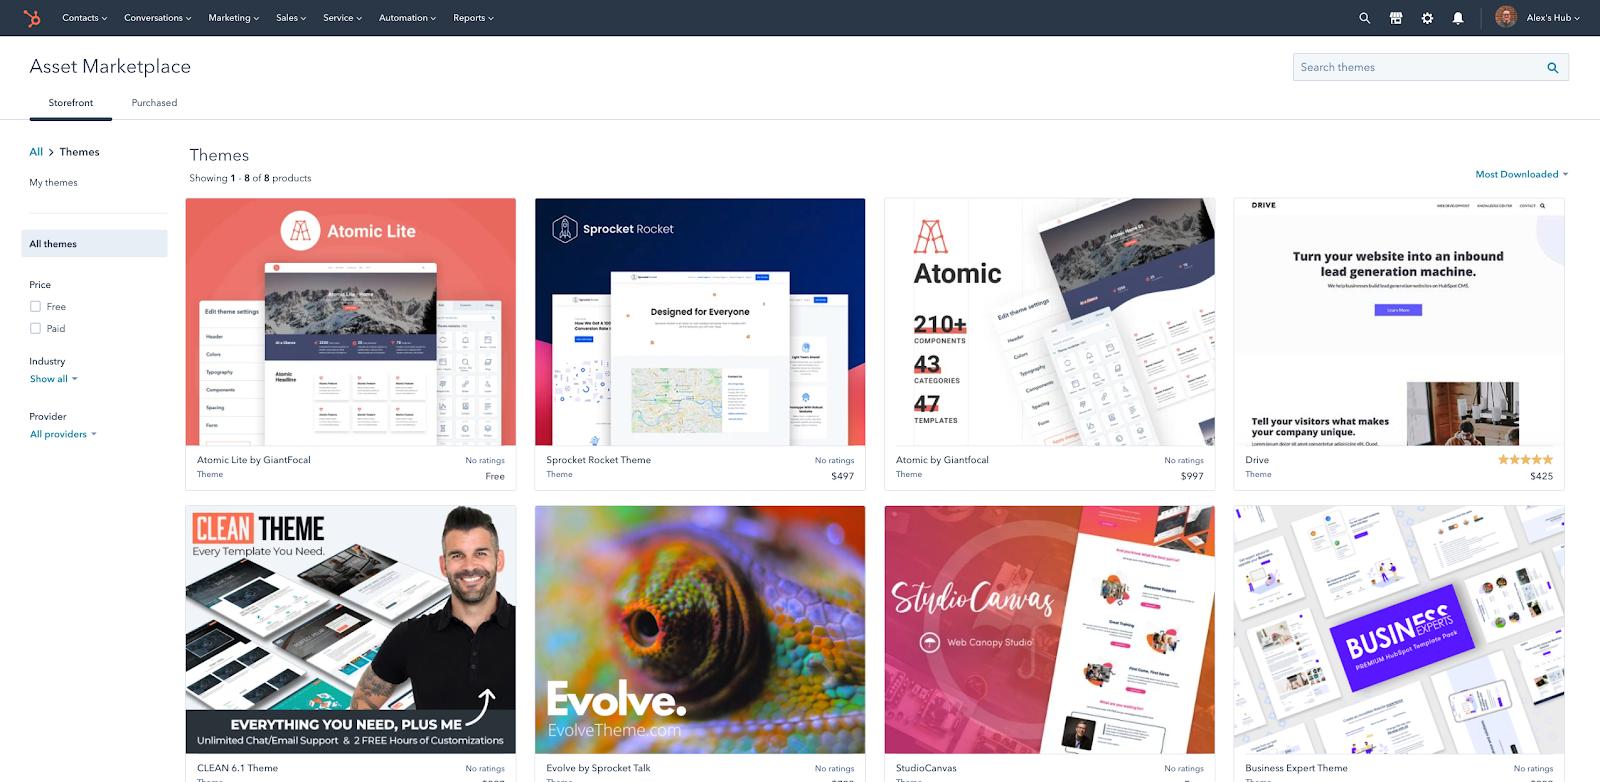 HubSpot Update: Kaufen Sie nach Themen auf dem Asset Marketplace ein